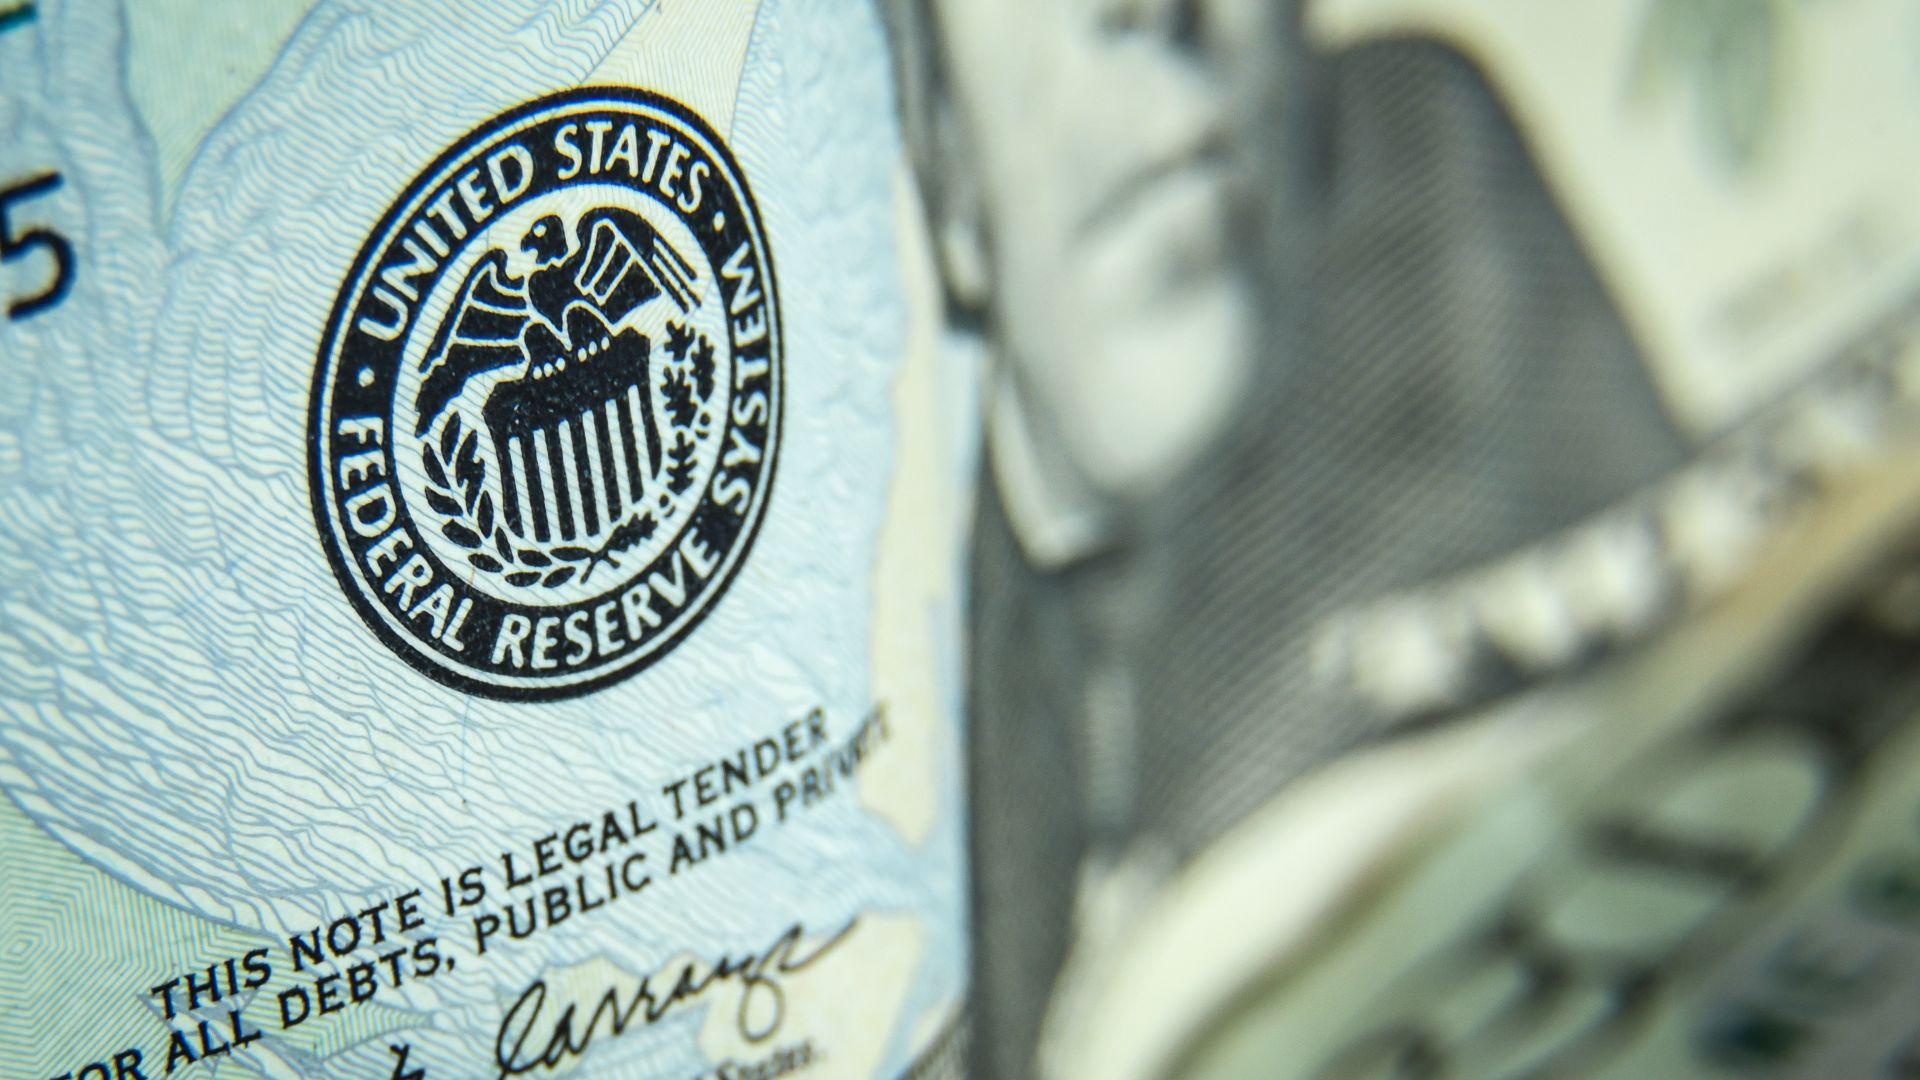 След първите ваксинации: Федералният резерв с решение за американската икономика